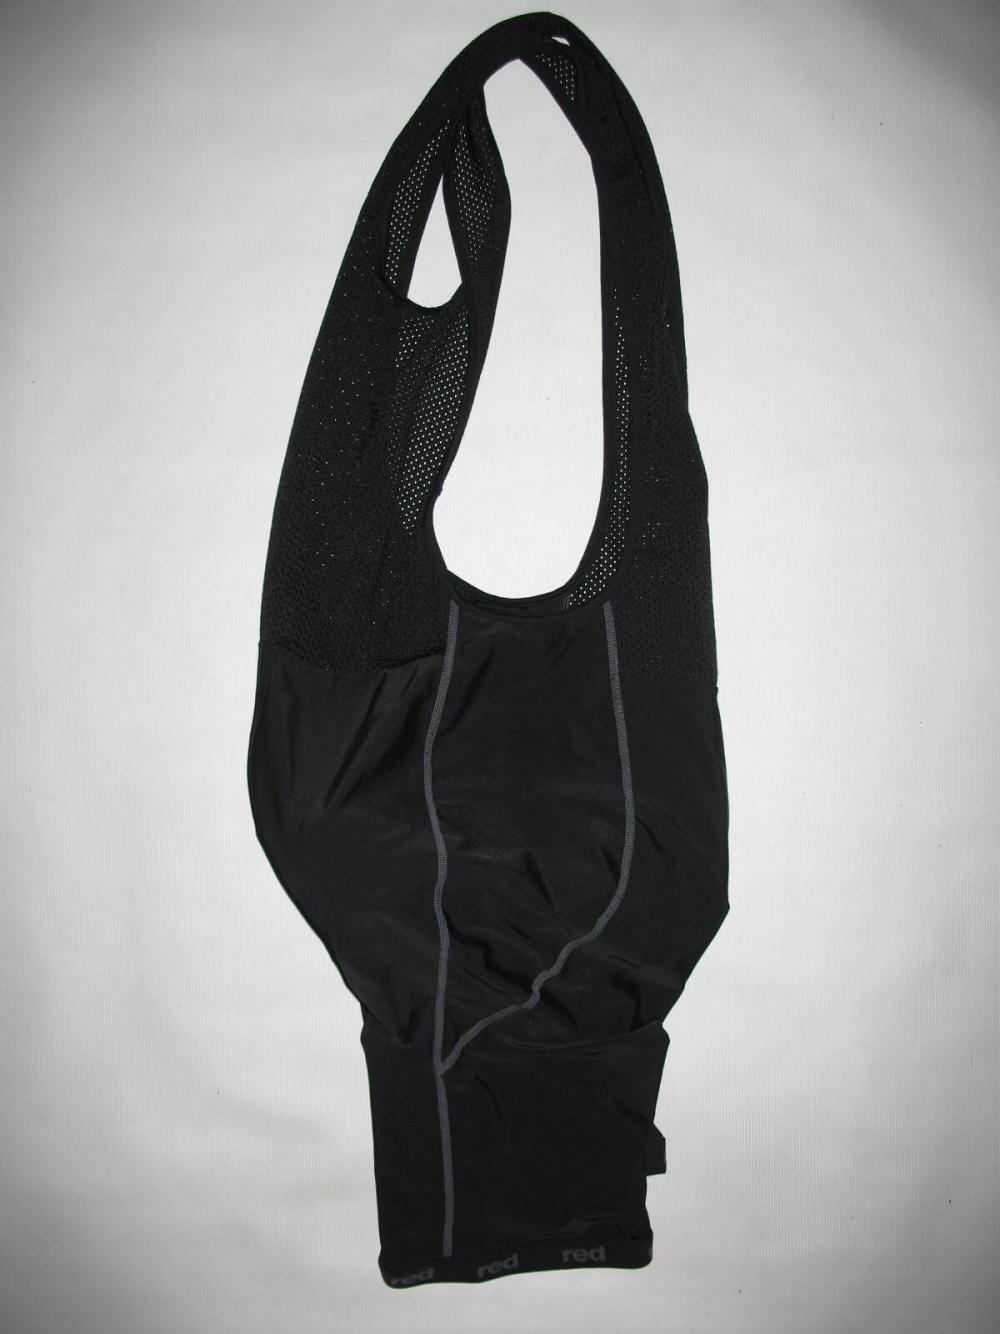 Велотрусы RED bib shorts (размер XXL) - 3